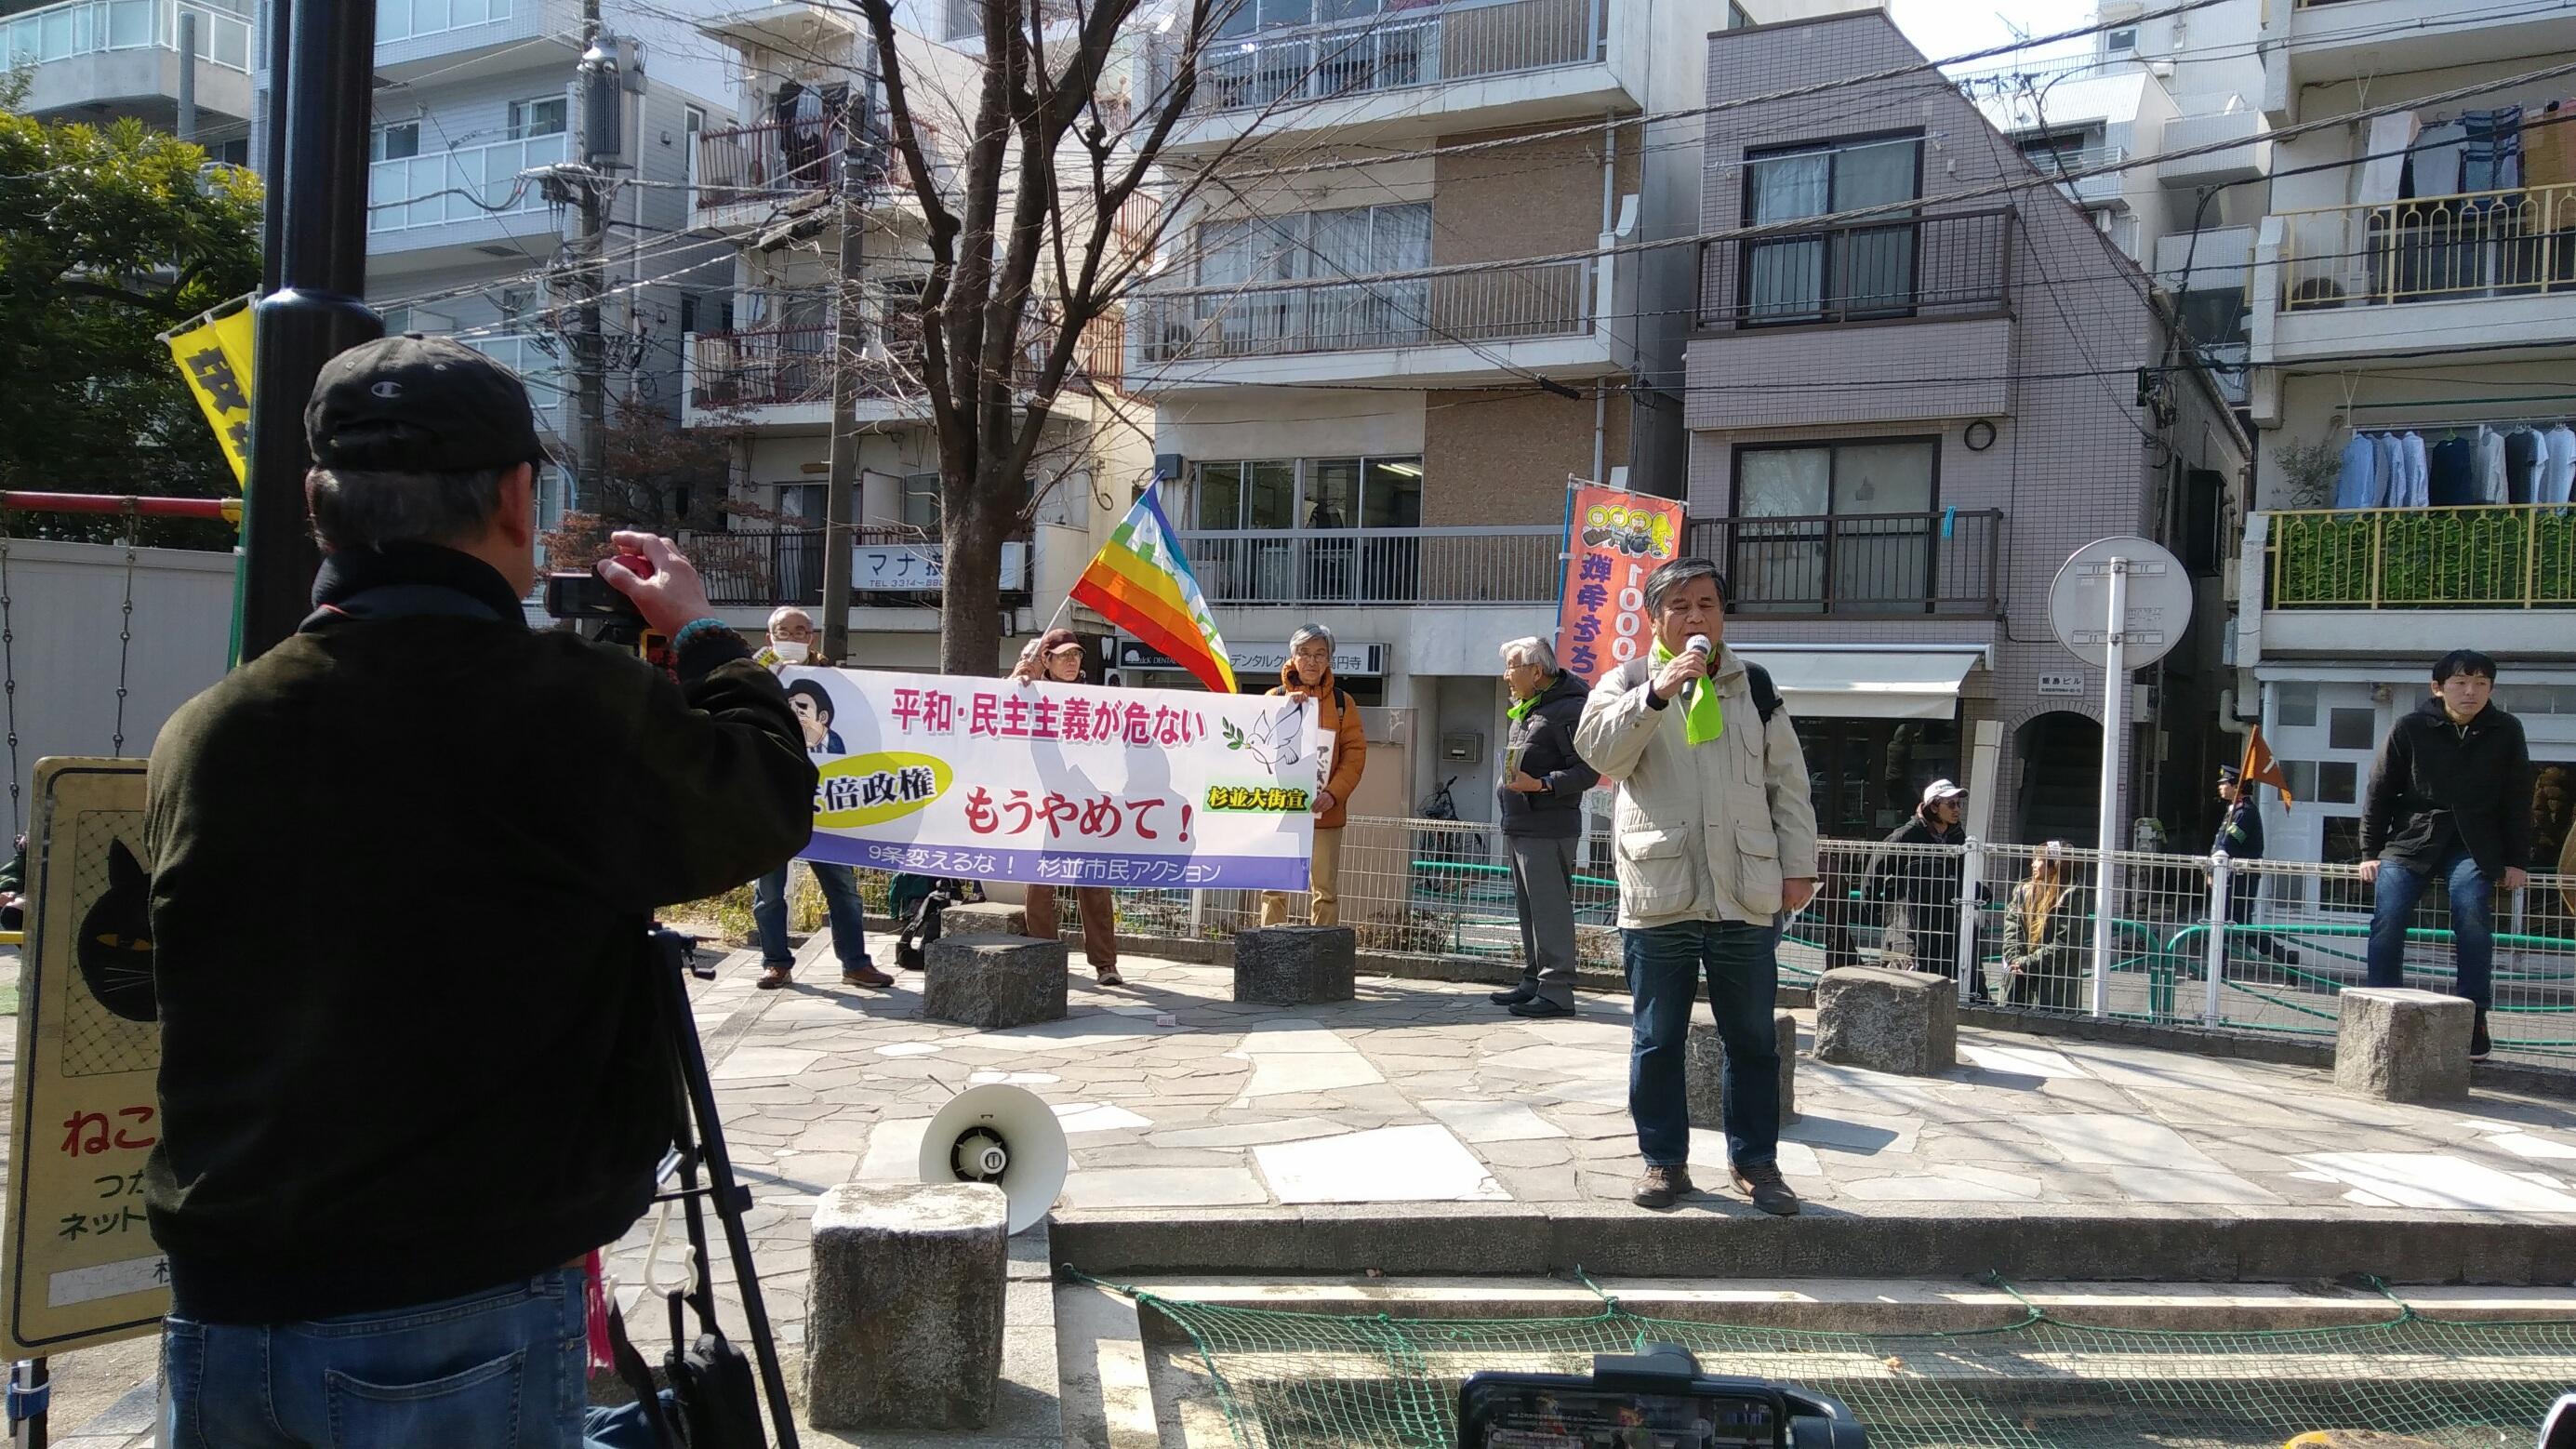 安倍政権NO!杉並デモに参加しました!